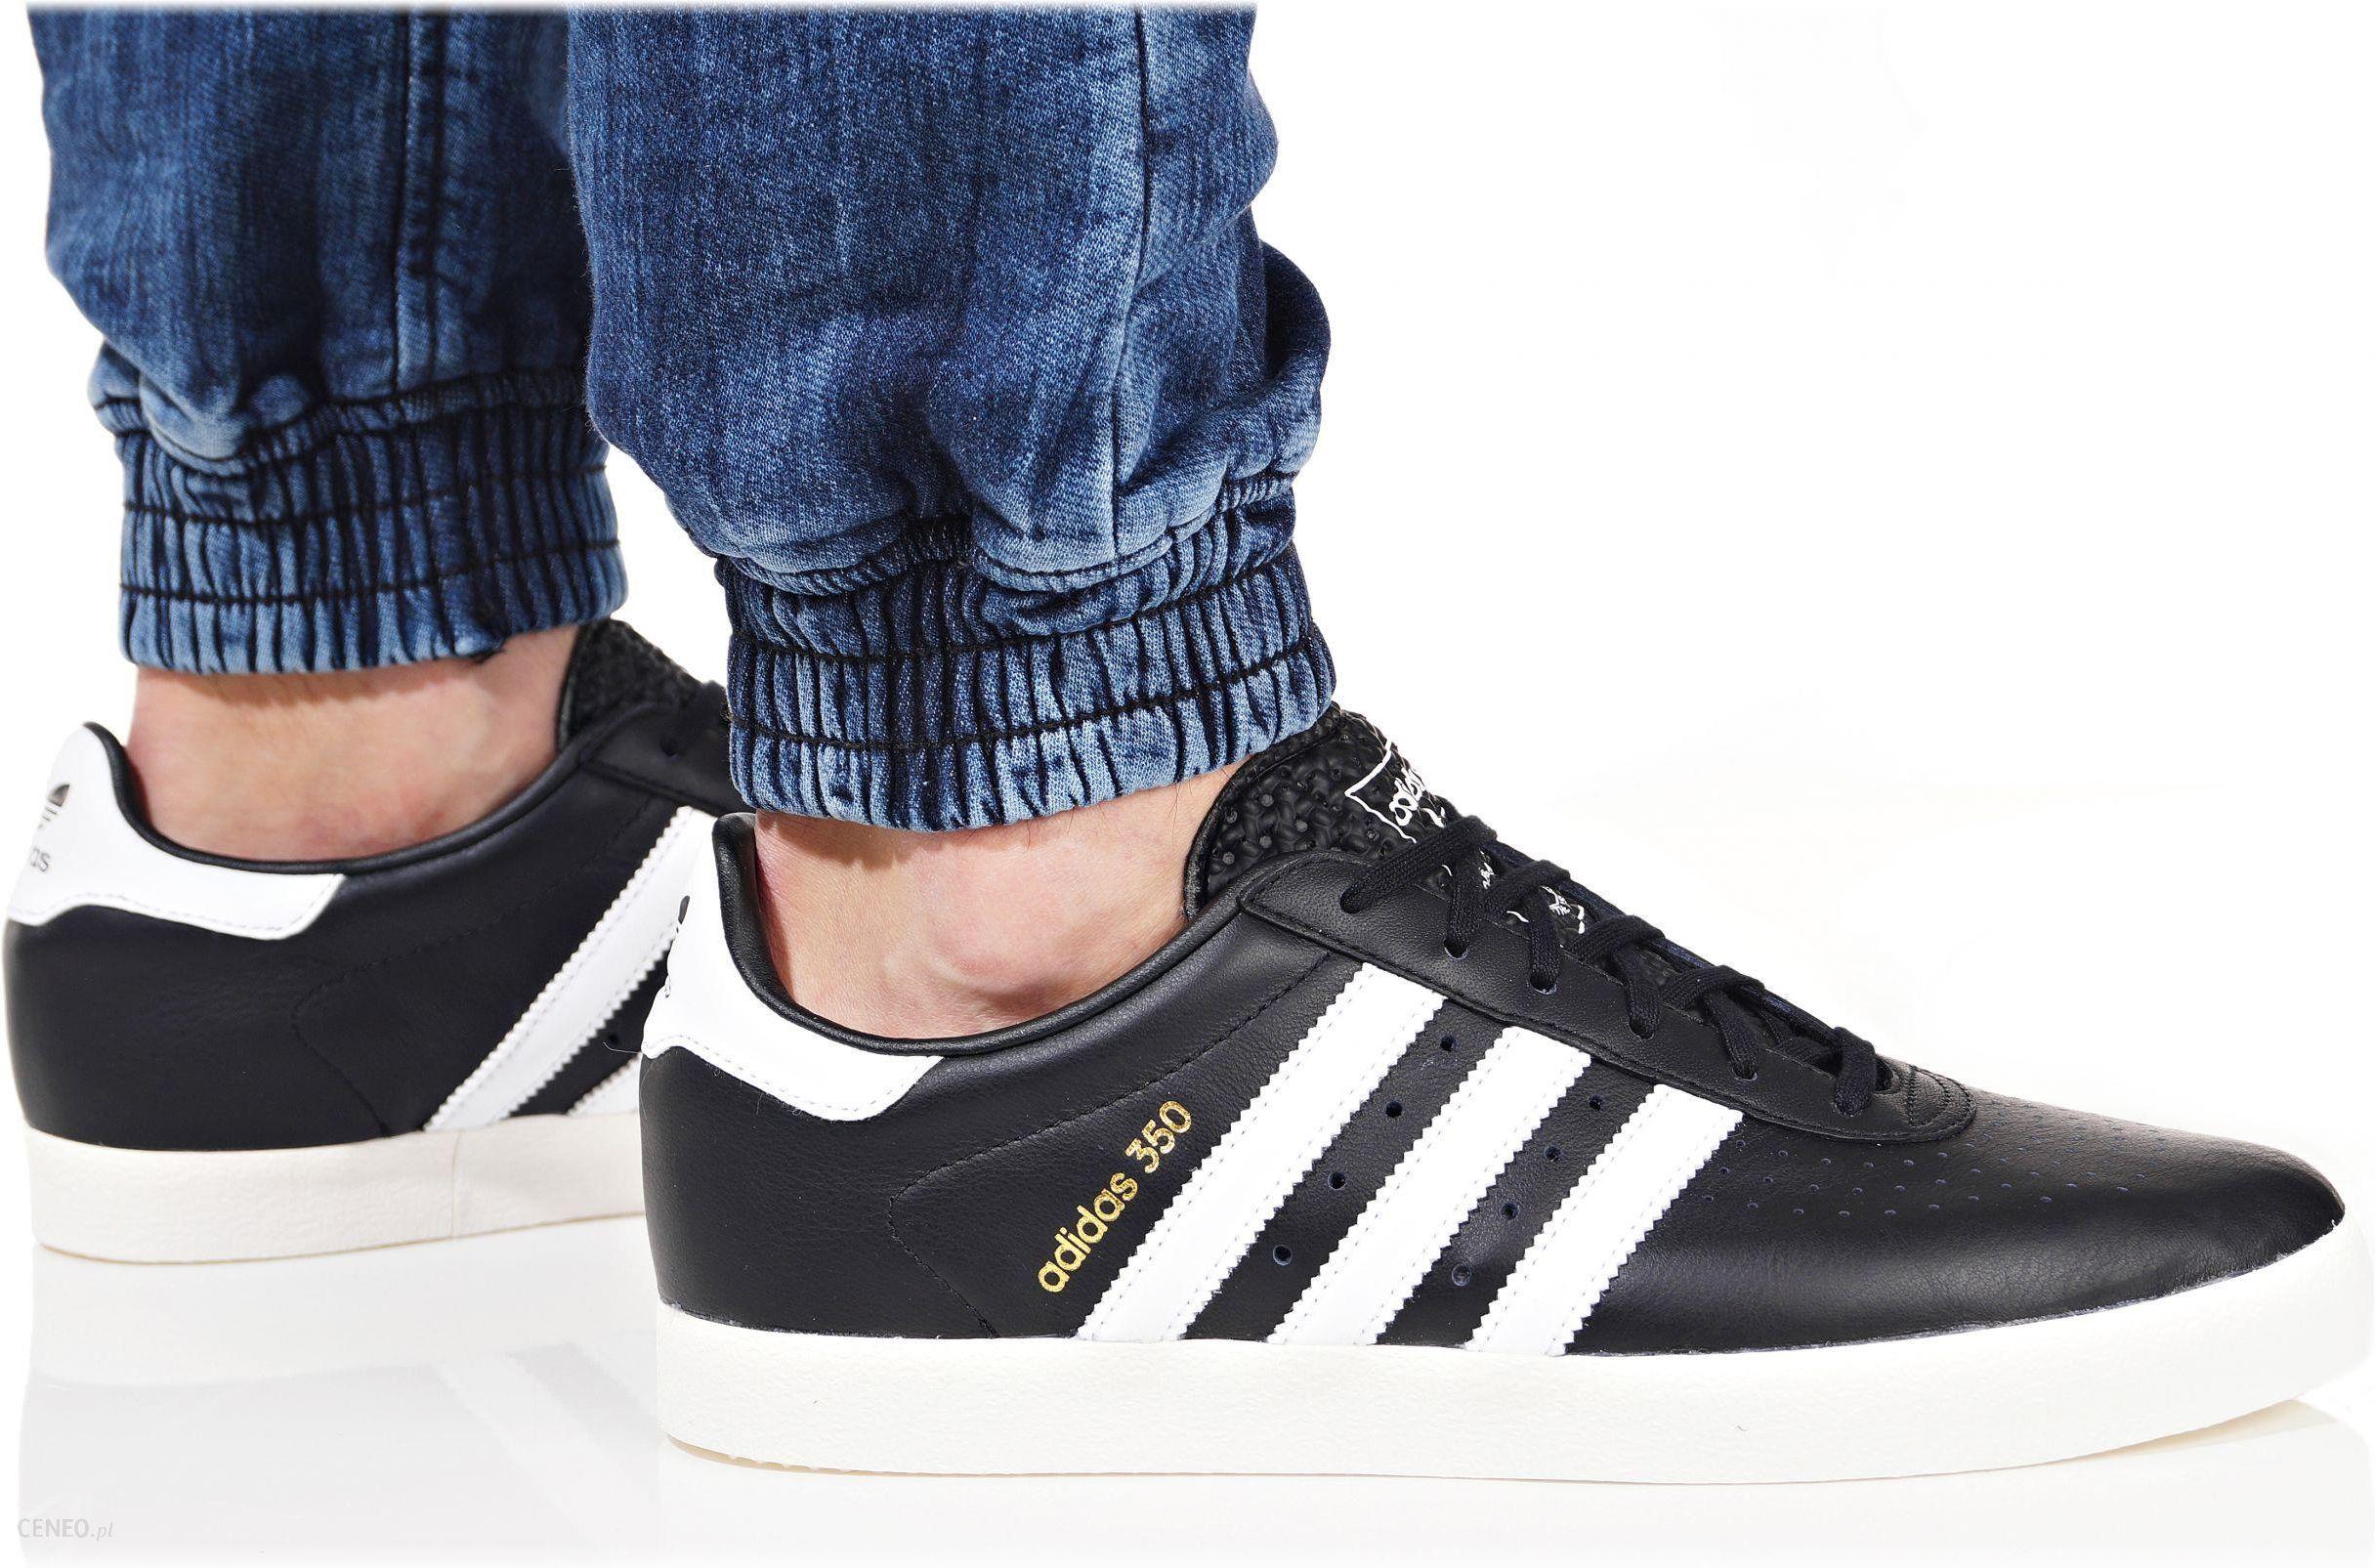 Buty Adidas Męskie Adidas 350 Originals CQ2779 Ceny i opinie Ceneo.pl